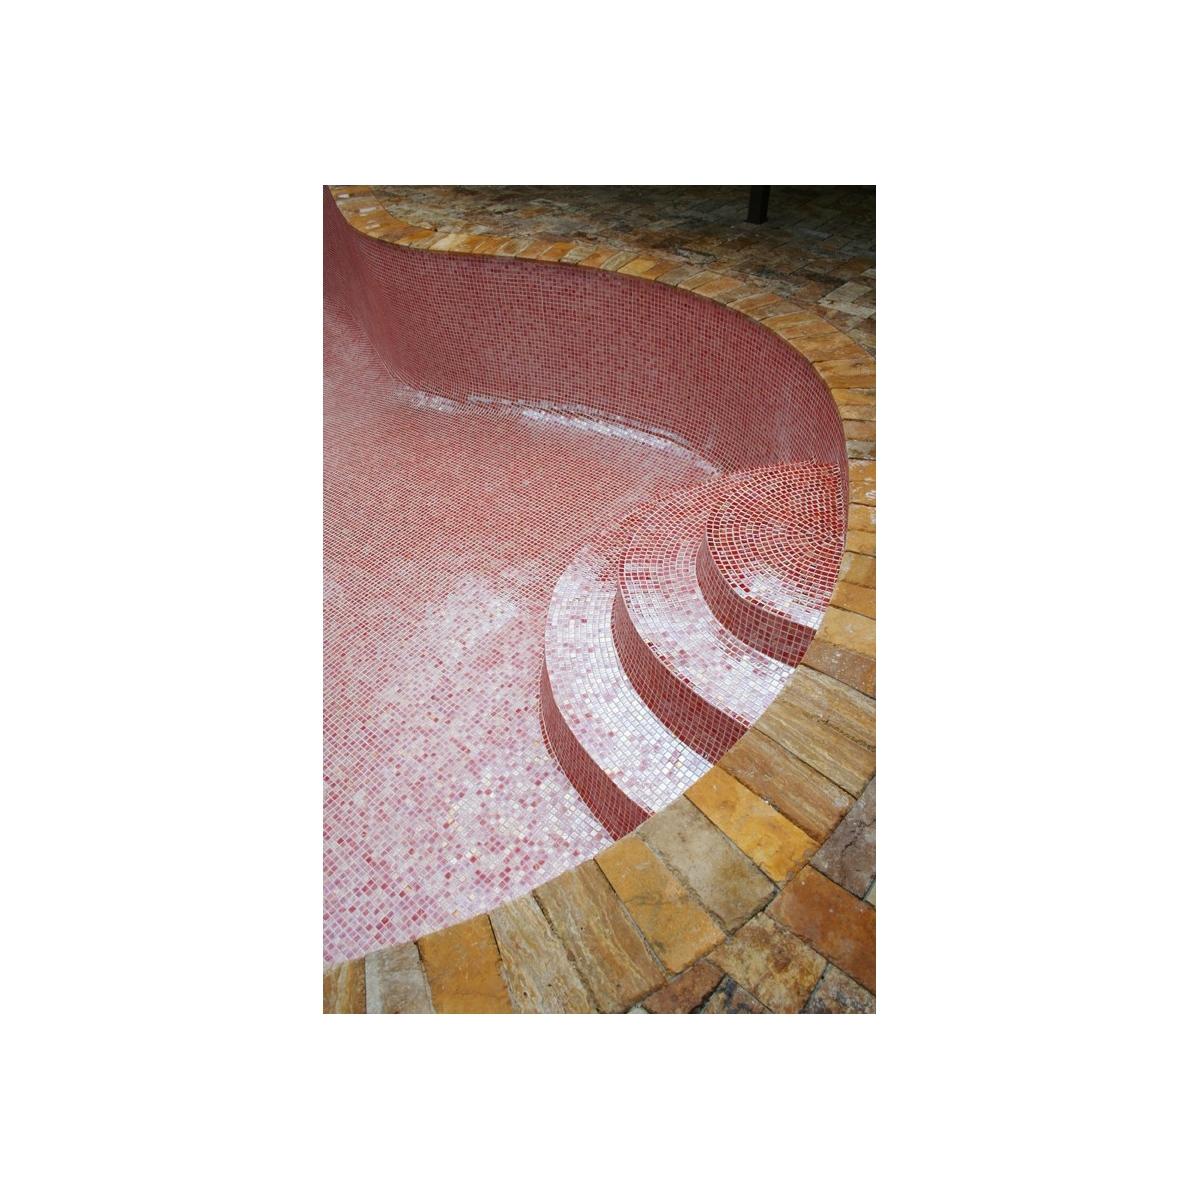 Gresite para piscina Rojo Liso (m2) al mejor precio online - Platos de ducha de obra al mejor precio